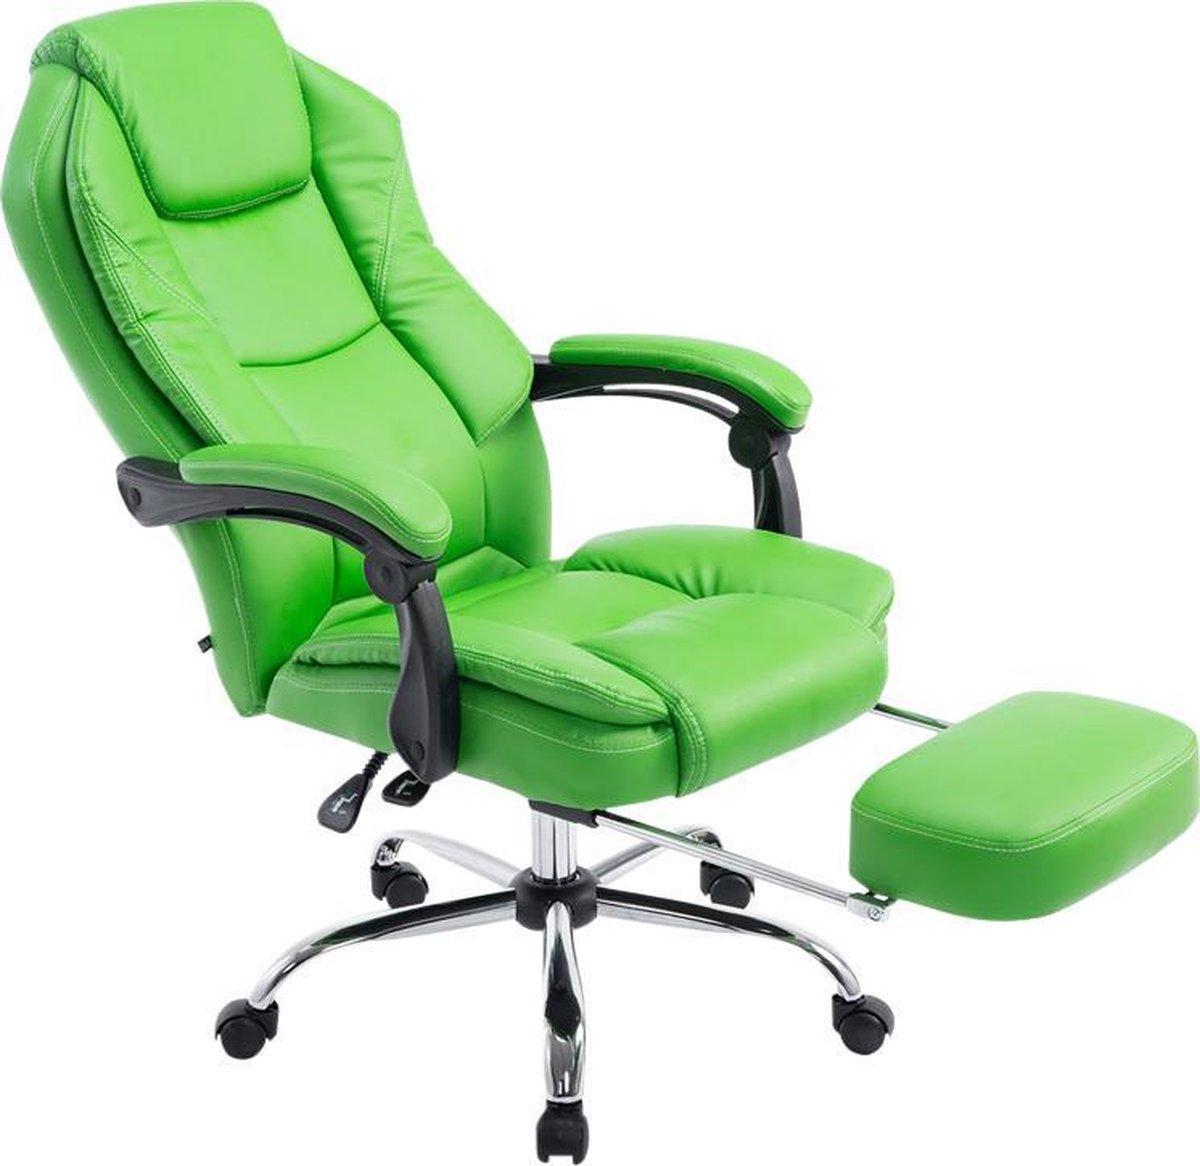 Bureaustoel - Ergonomische bureaustoel - Voetensteun - Kunstleer - Groen - 64x67x114 cm